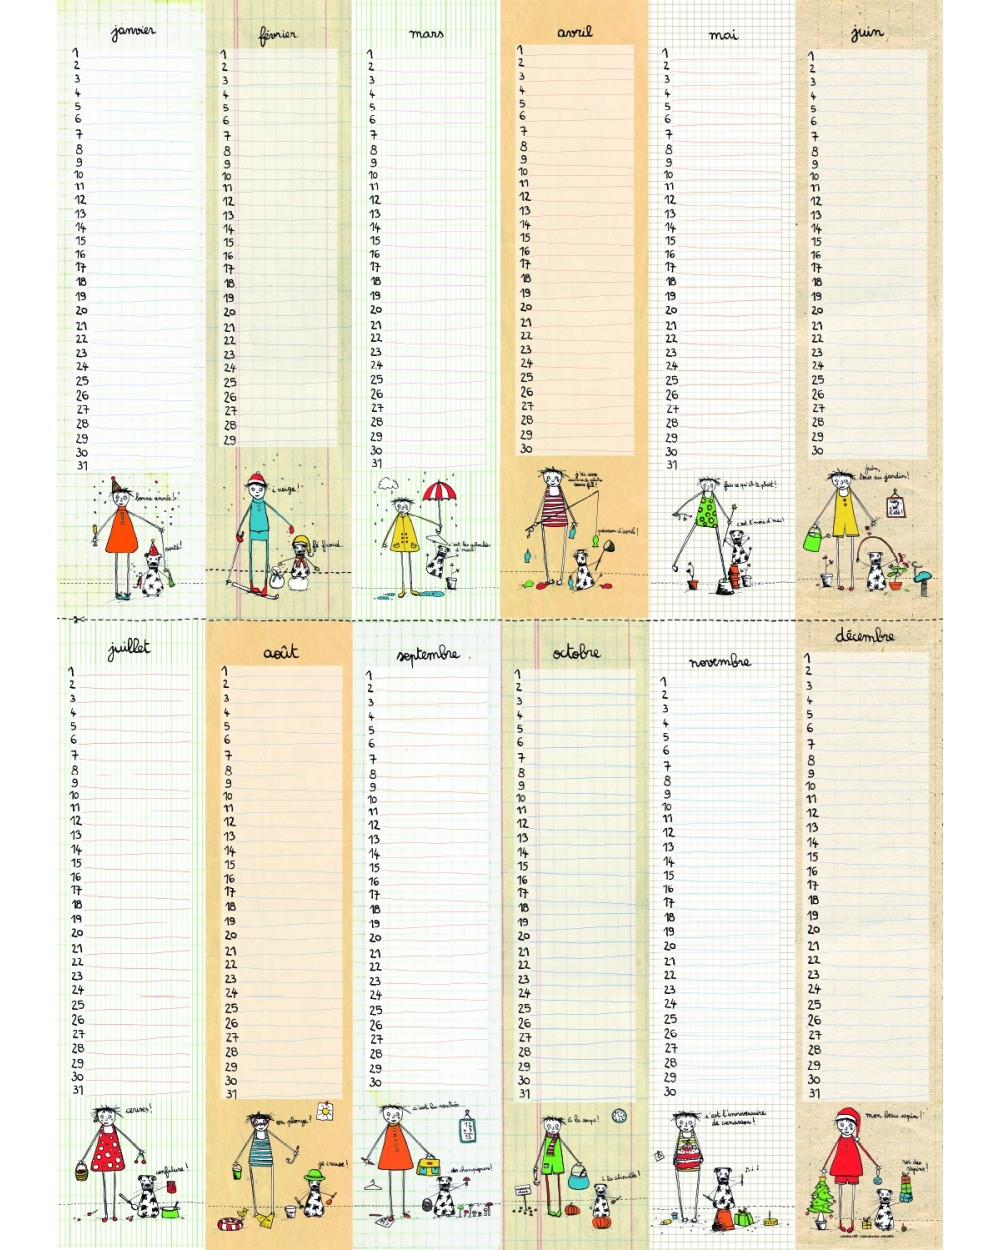 Calendrier Anniversaires Poster - Calendrier Perpétuel Filf encequiconcerne Calendrier Perpetuel Gratuit Imprimer